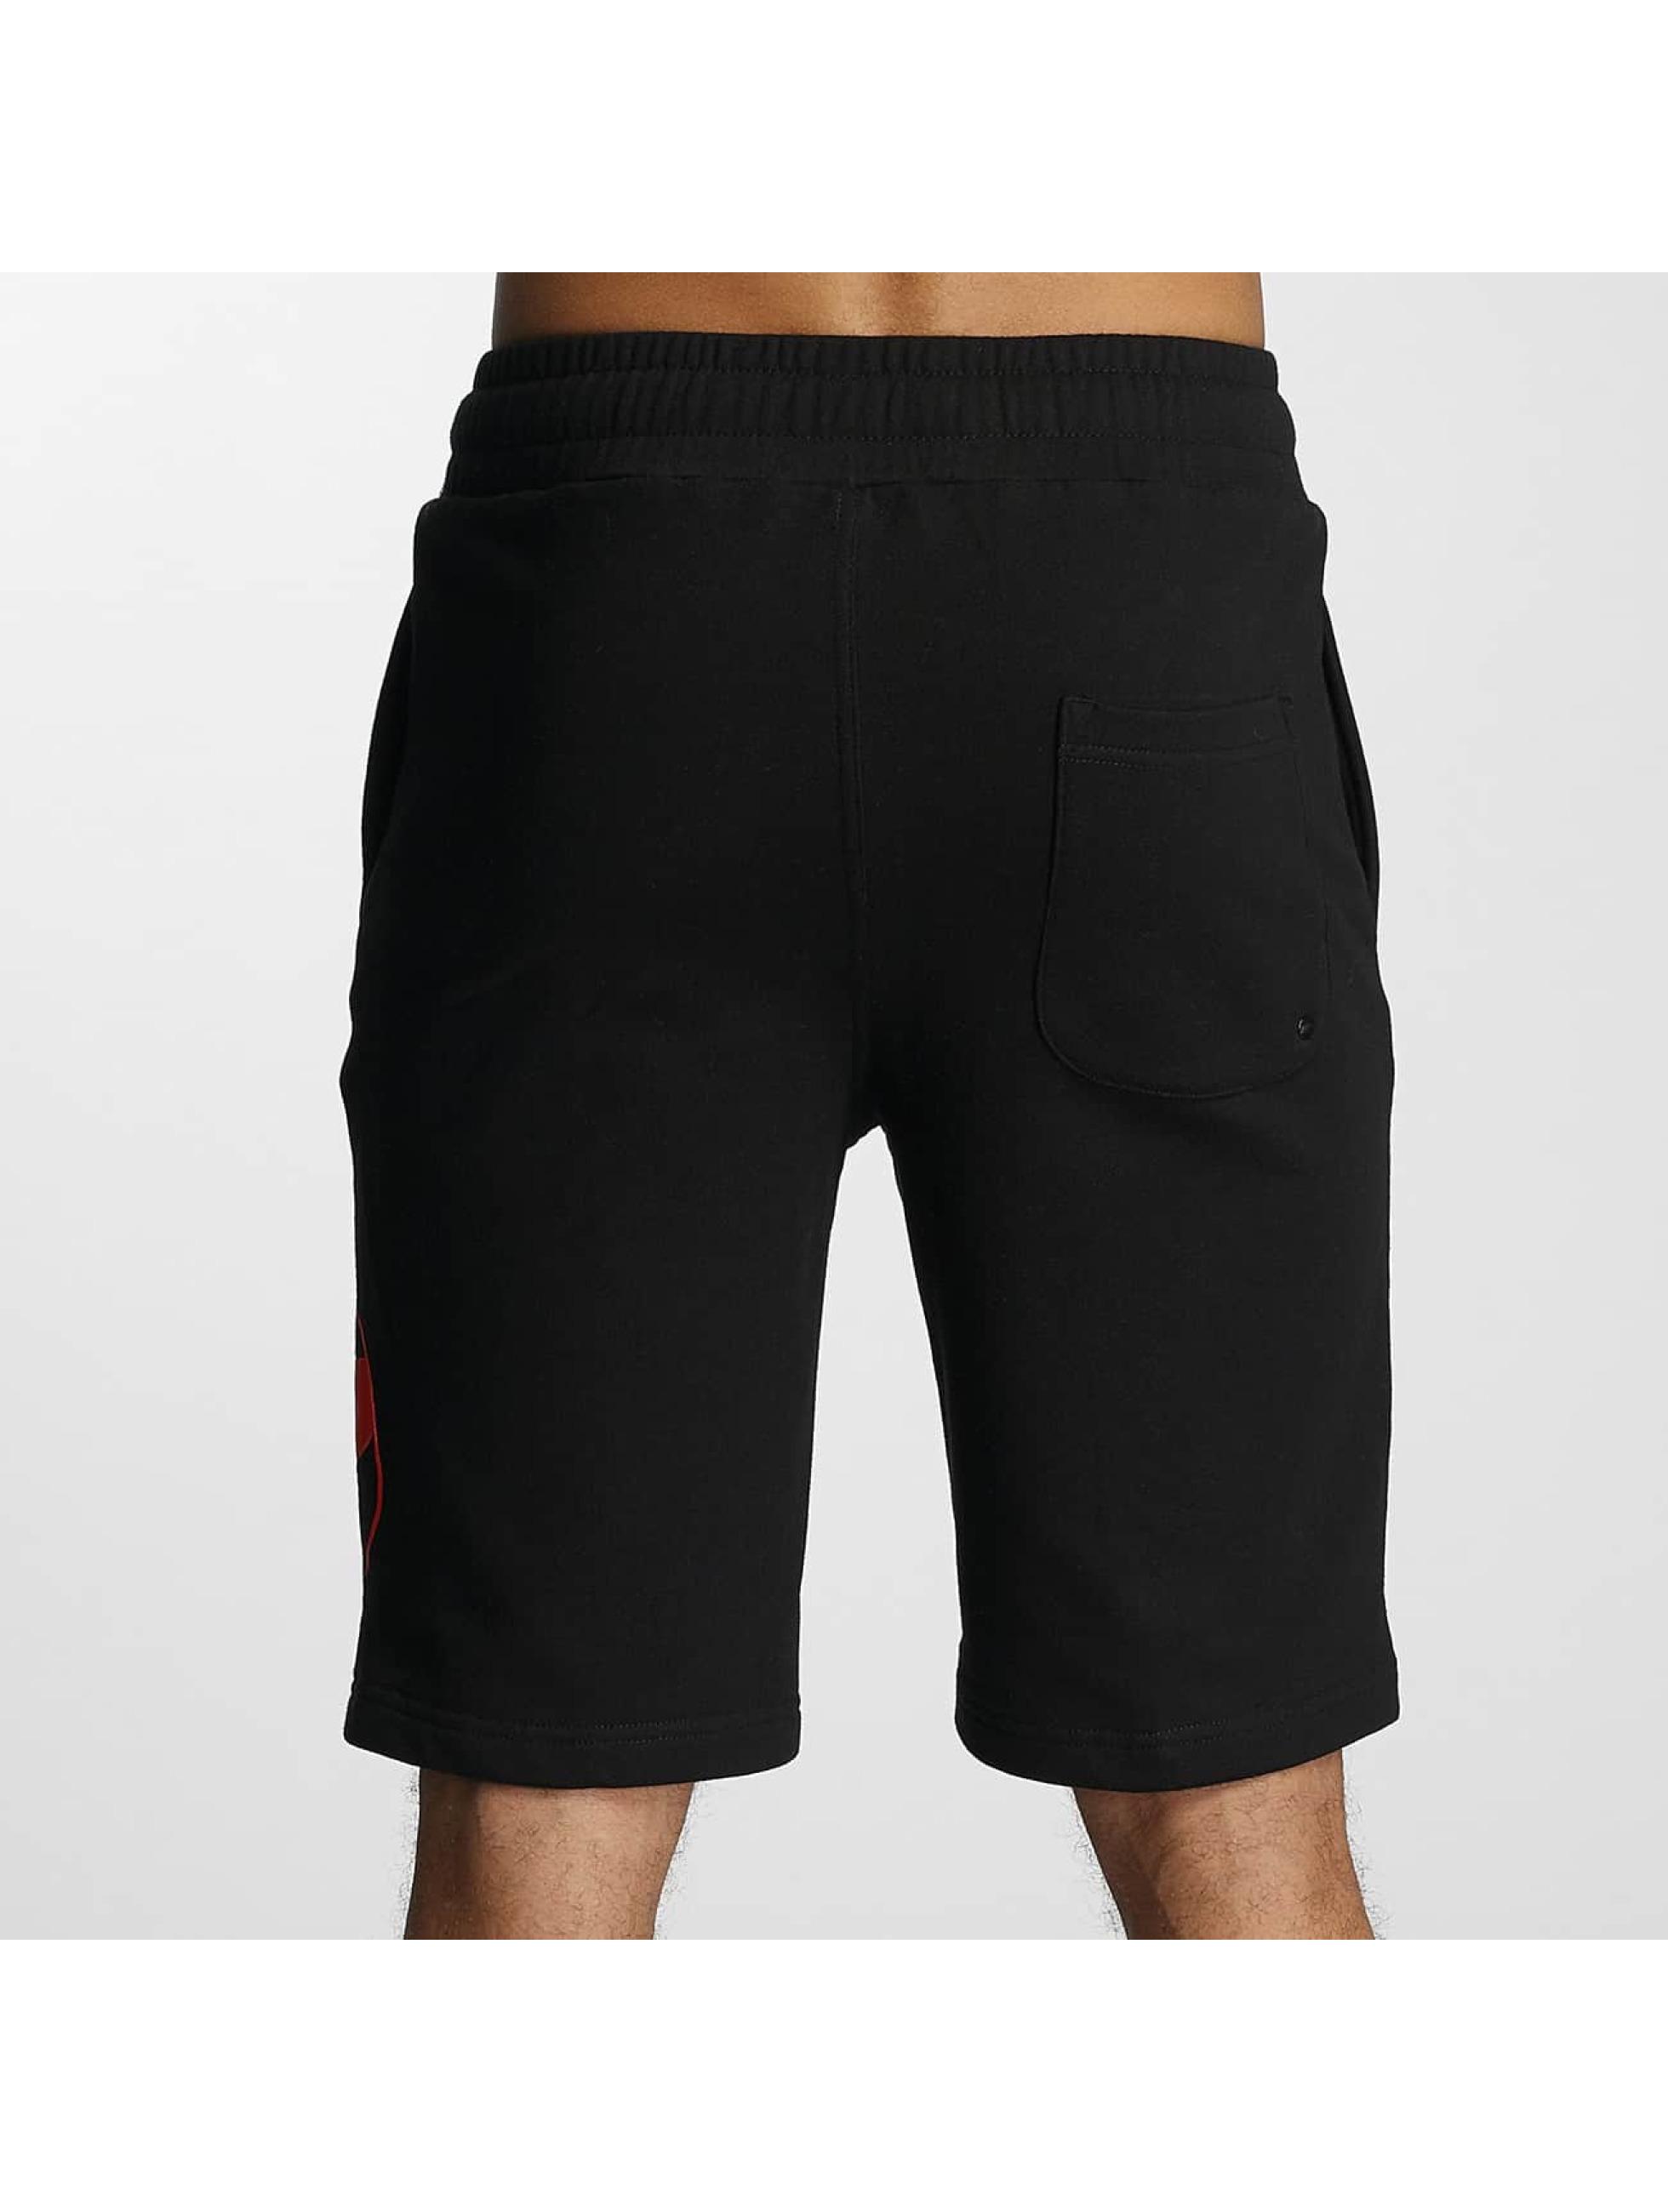 Pusher Apparel Pantalón cortos 245 Assault negro